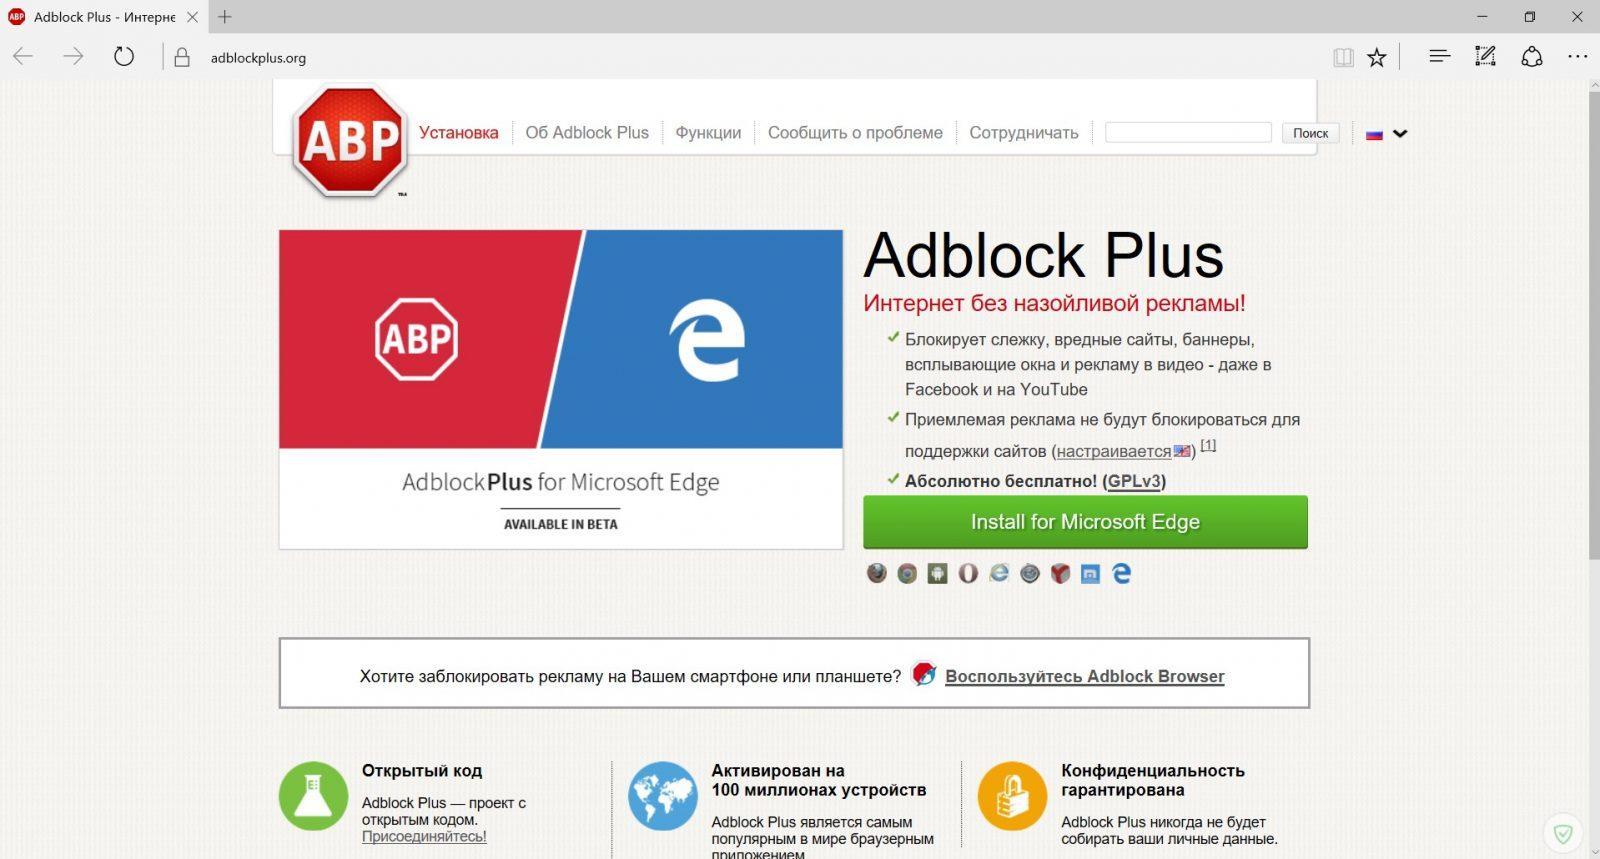 Как AdBlock Plus изменяет правила игры мобильного маркетинга